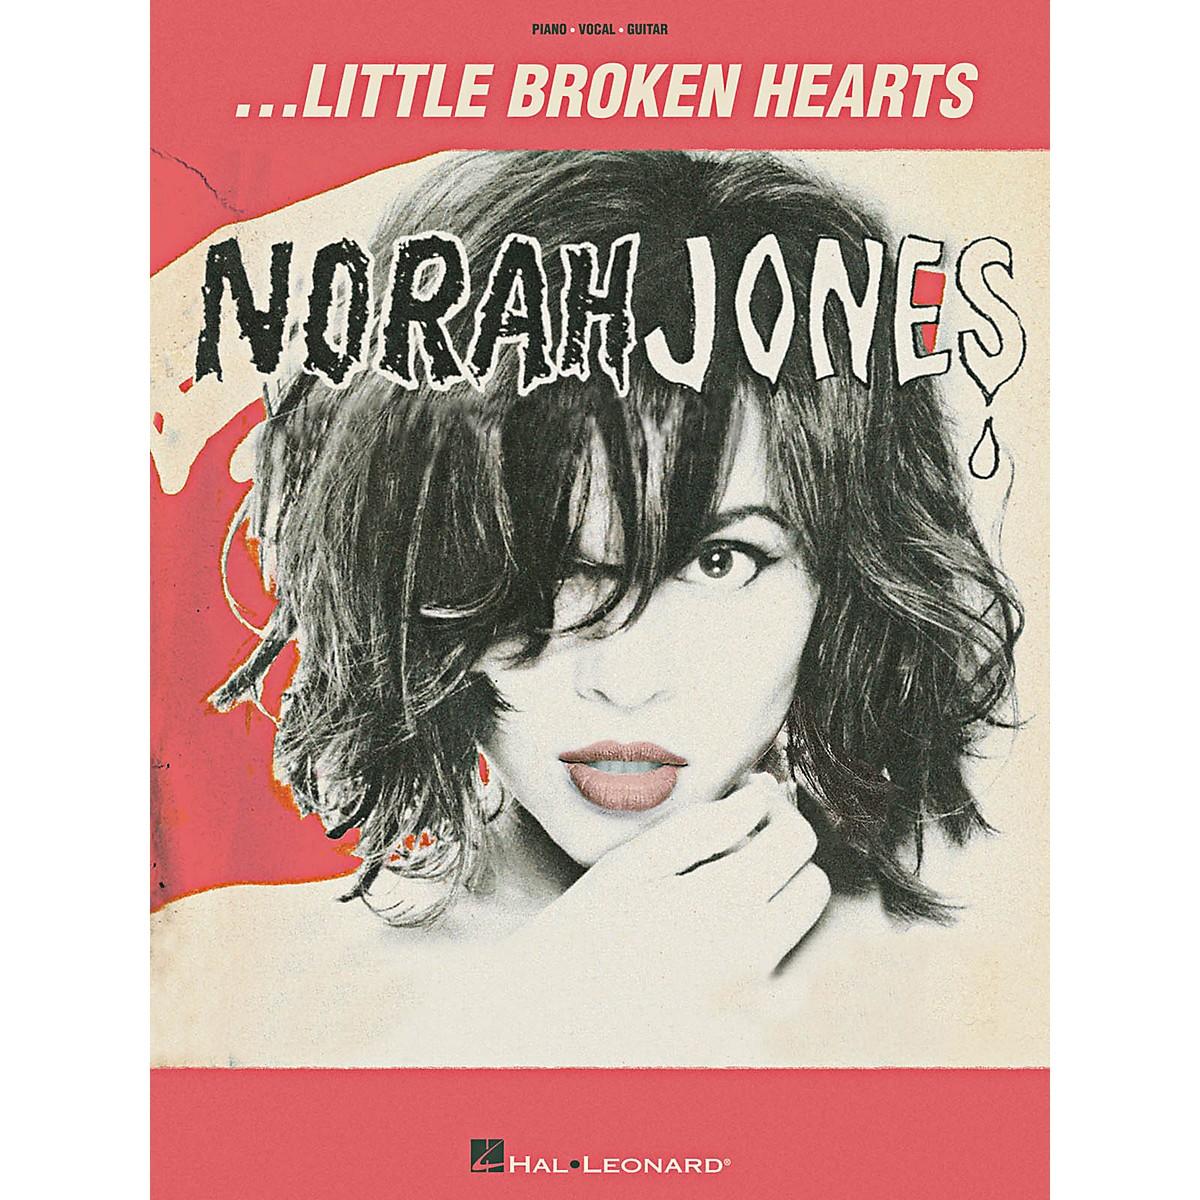 Hal Leonard Norah Jones Little Broken Hearts Piano/Vocal/Guitar Songbook